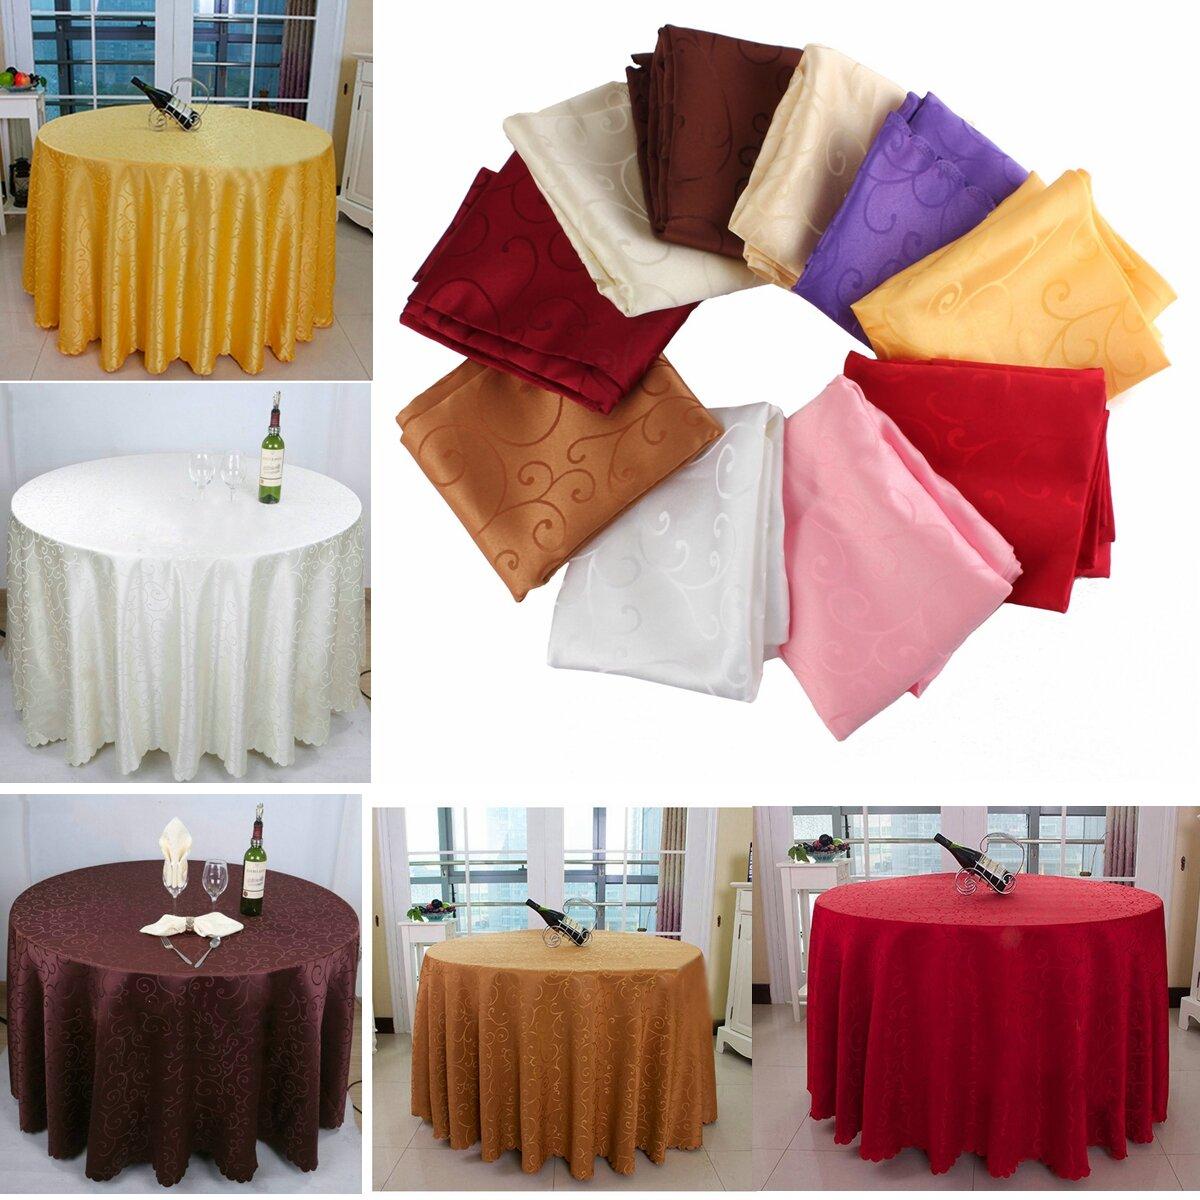 Khăn trải bàn tròn 180cm Polyester thấm cho nhà hàng khách sạn Trang trí tiệc cưới